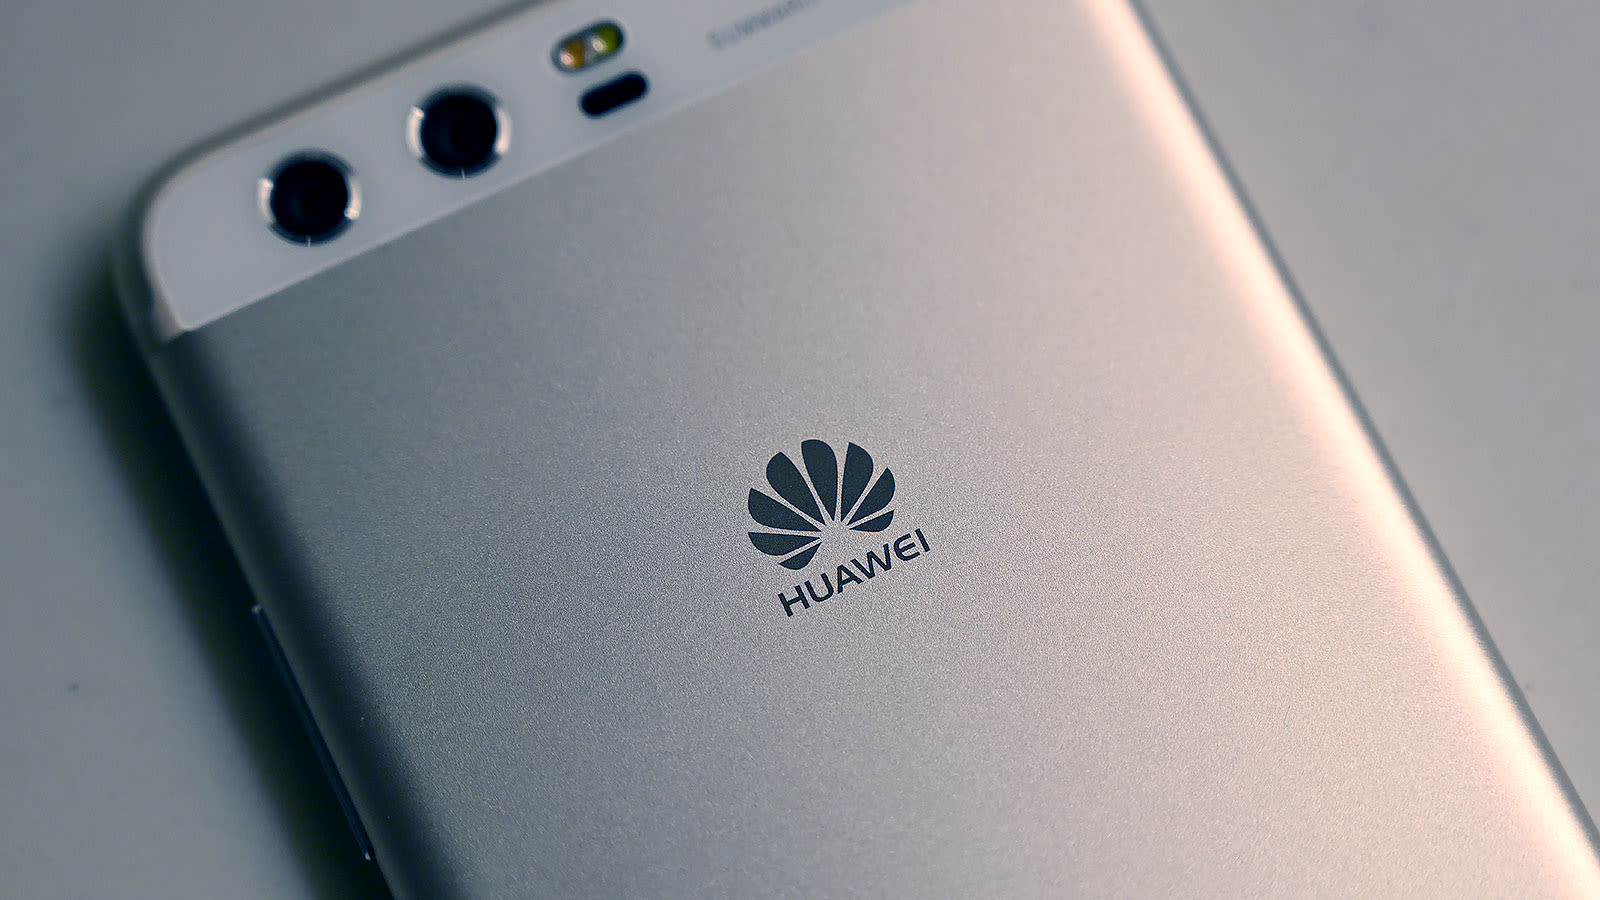 Traseira de um smartphone com logotipo da Huawei